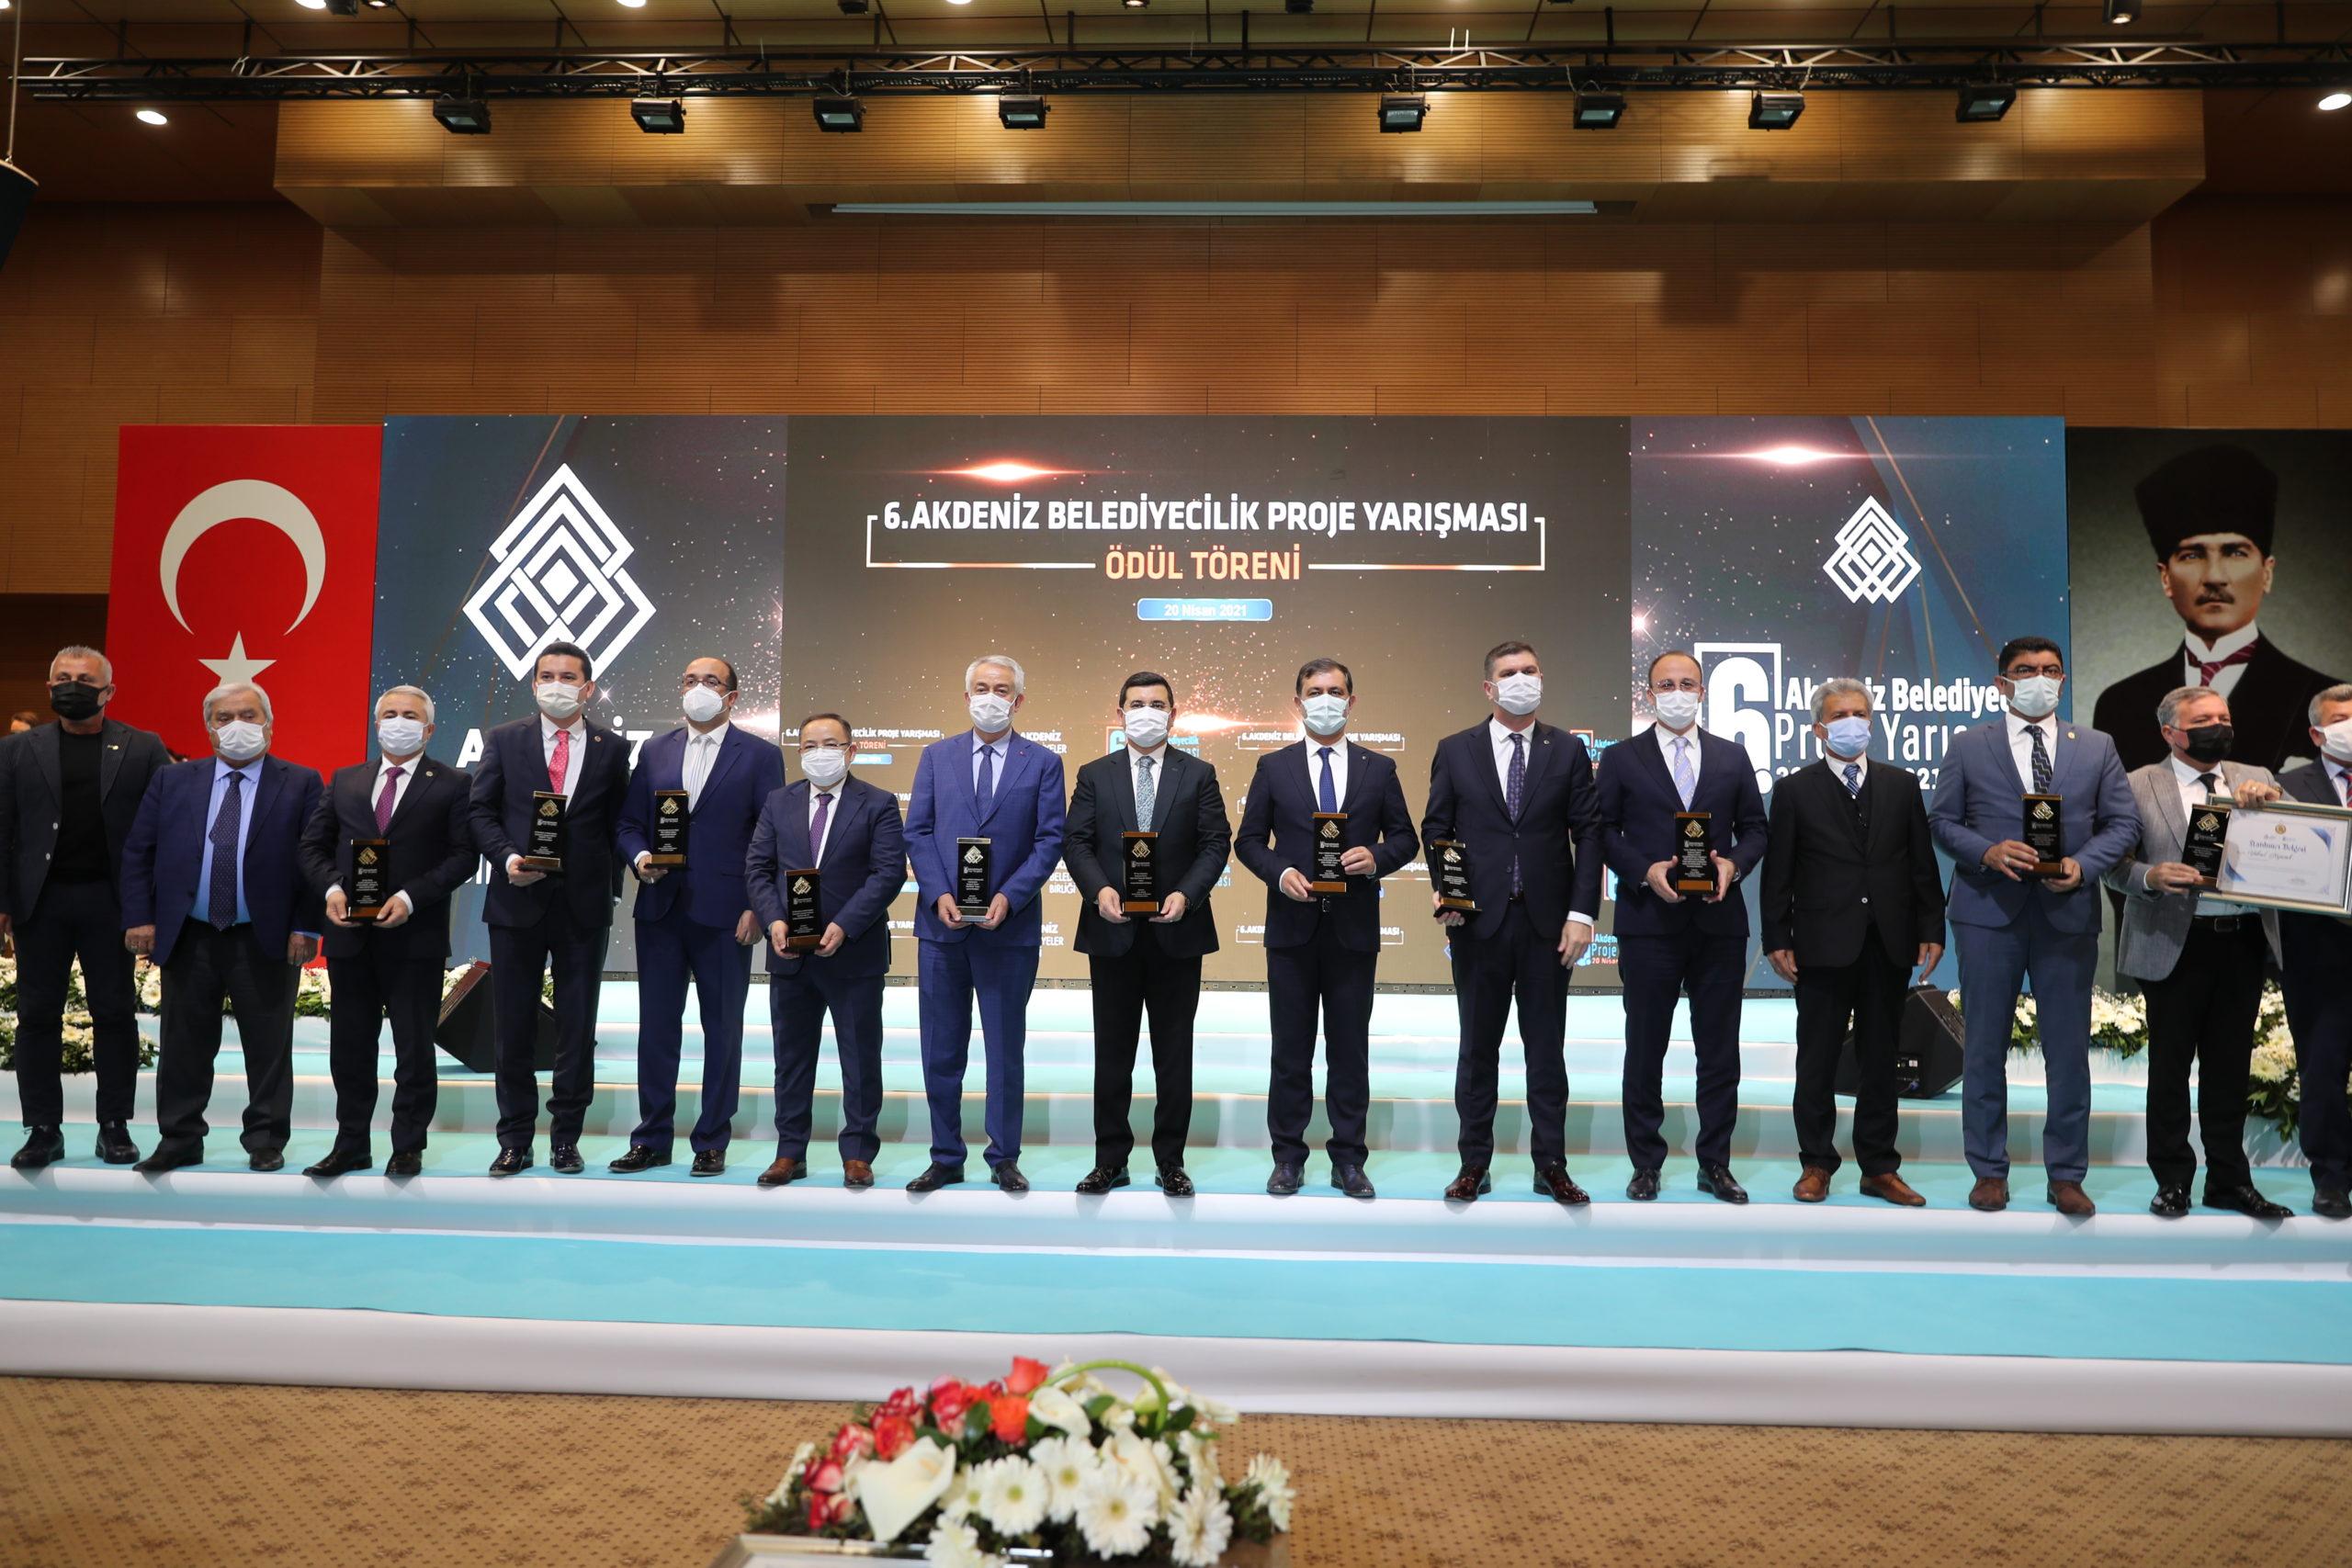 Burdur, Akdeniz Belediyecilik Proje Yarışması'ndan Ödül Aldı